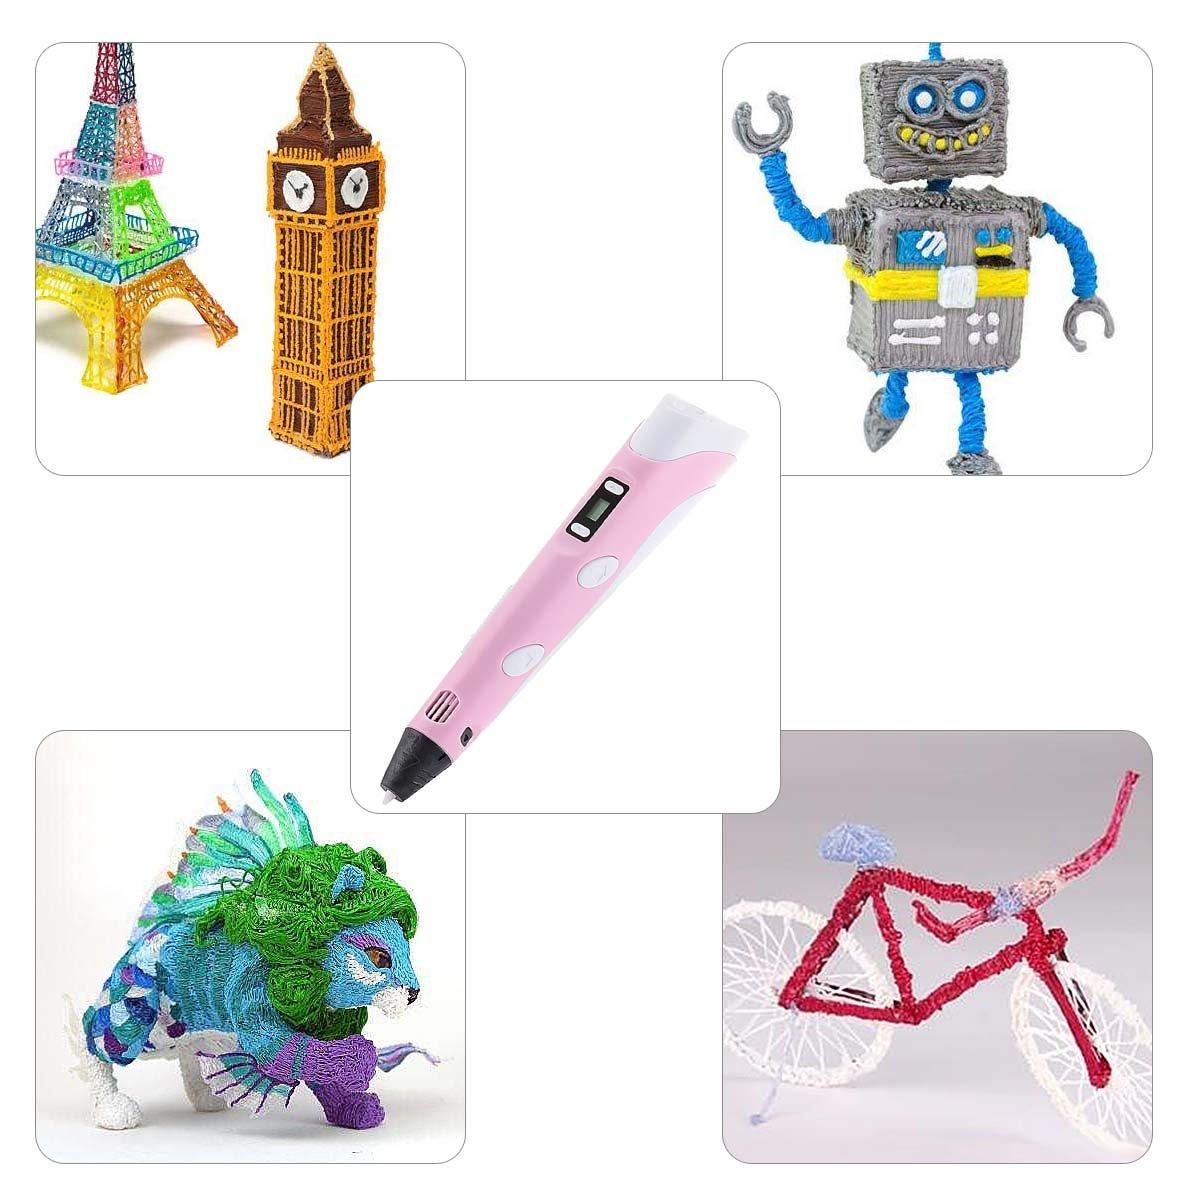 Arrancio Penna Stampa 3D BANGBO Intelligent 3D Pen on Supporto perla Penna e filamenti per la creazione e la pittura Doodling